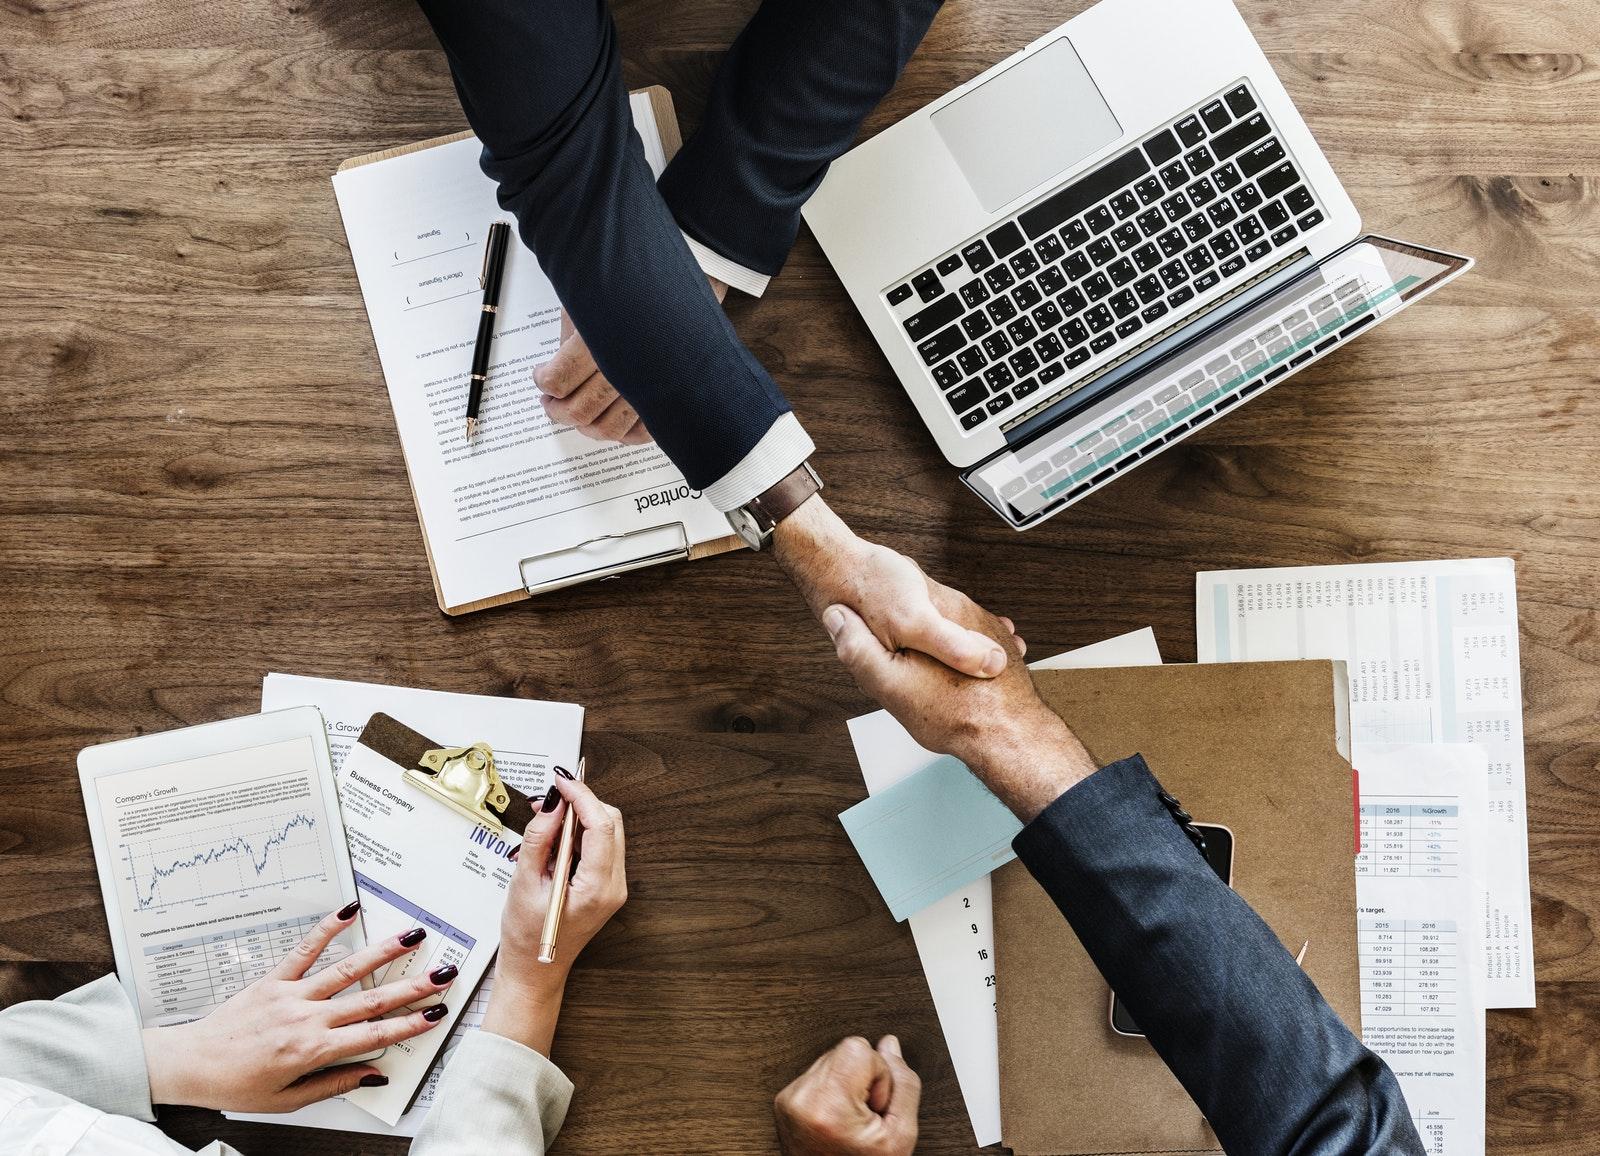 Як юридично оформити стартап, аби не втратити гроші